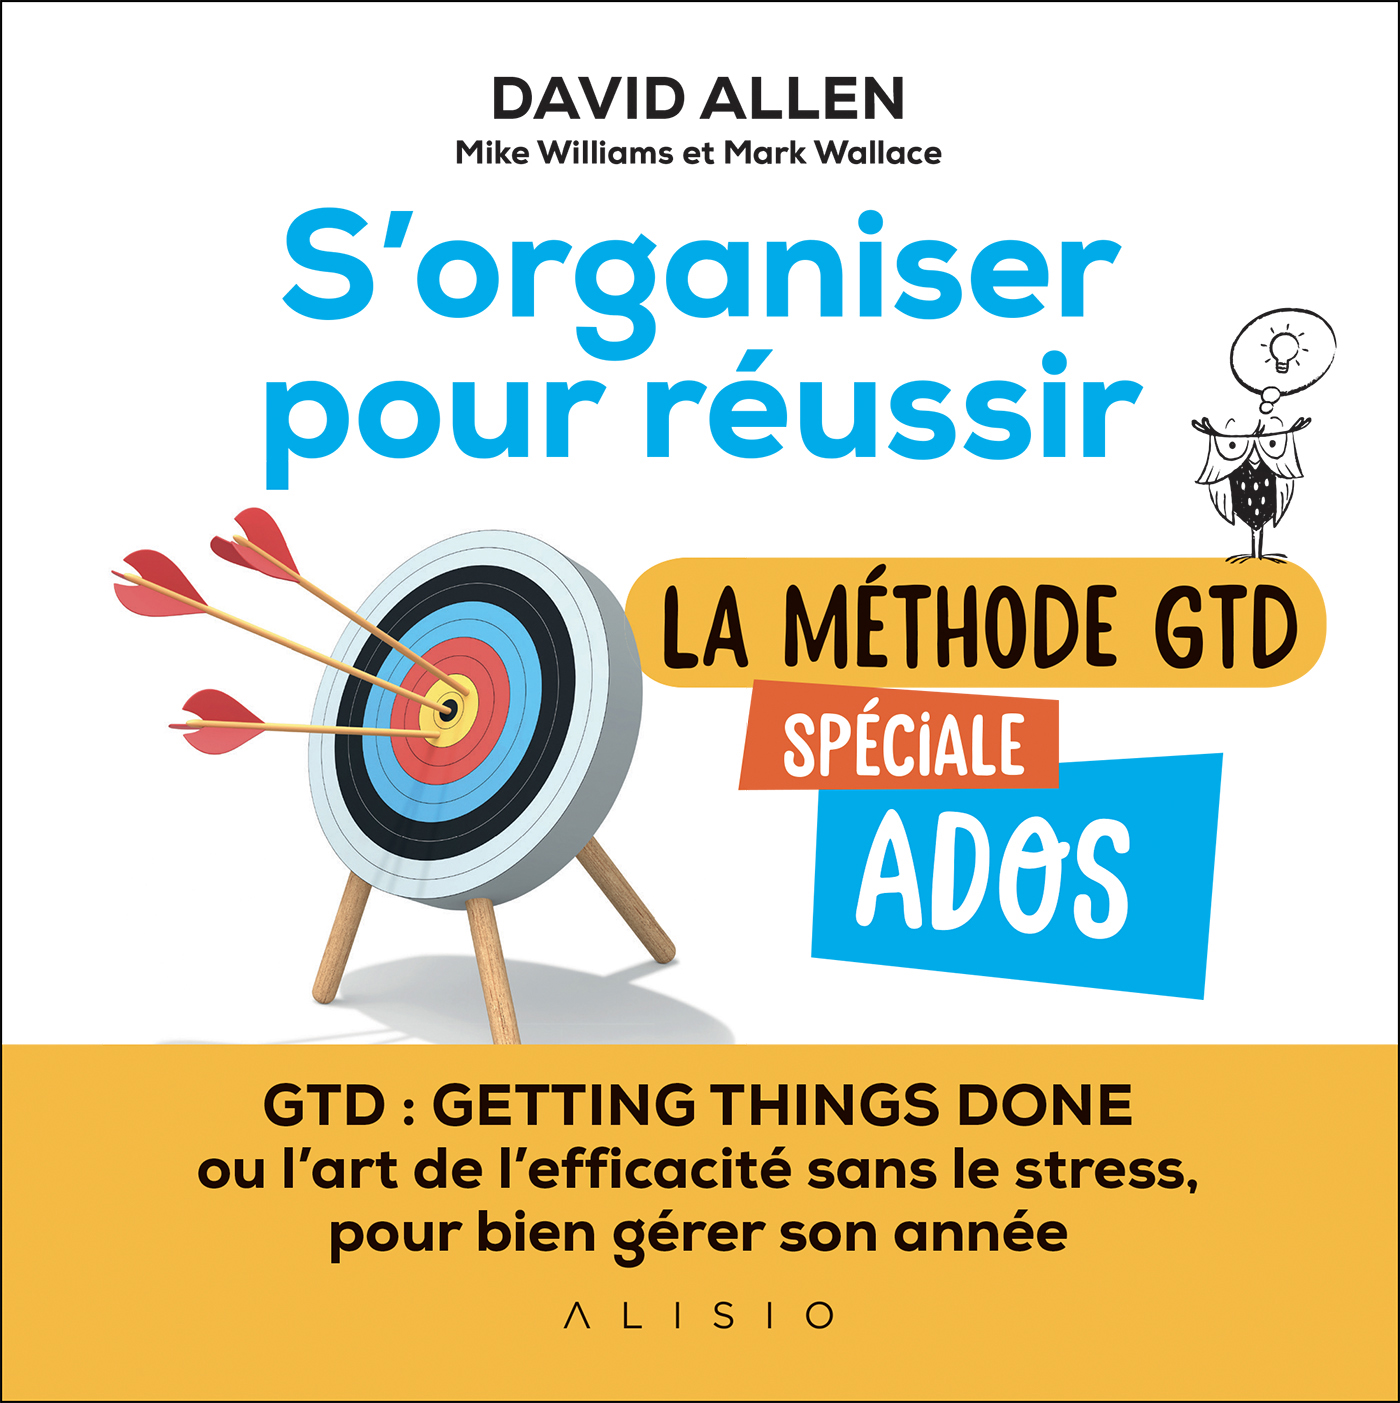 Vignette du livre S'organiser pour réussir: la méthode GTD spéciale ados